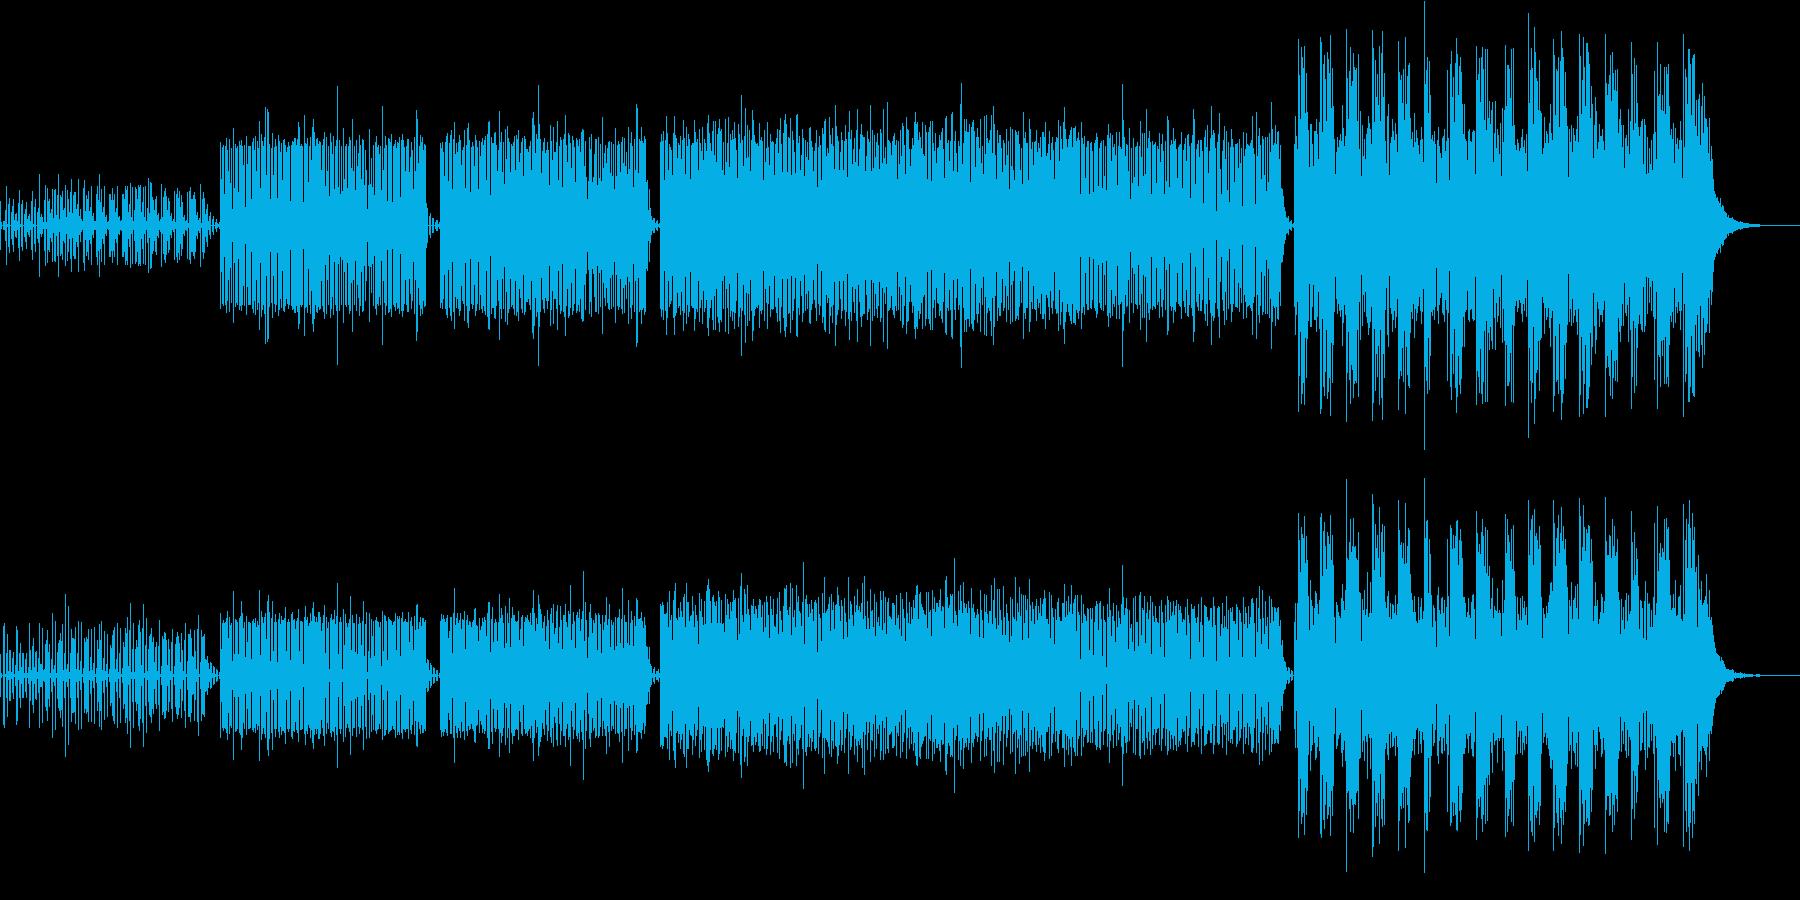 切迫感のある現代的な電子音楽の再生済みの波形